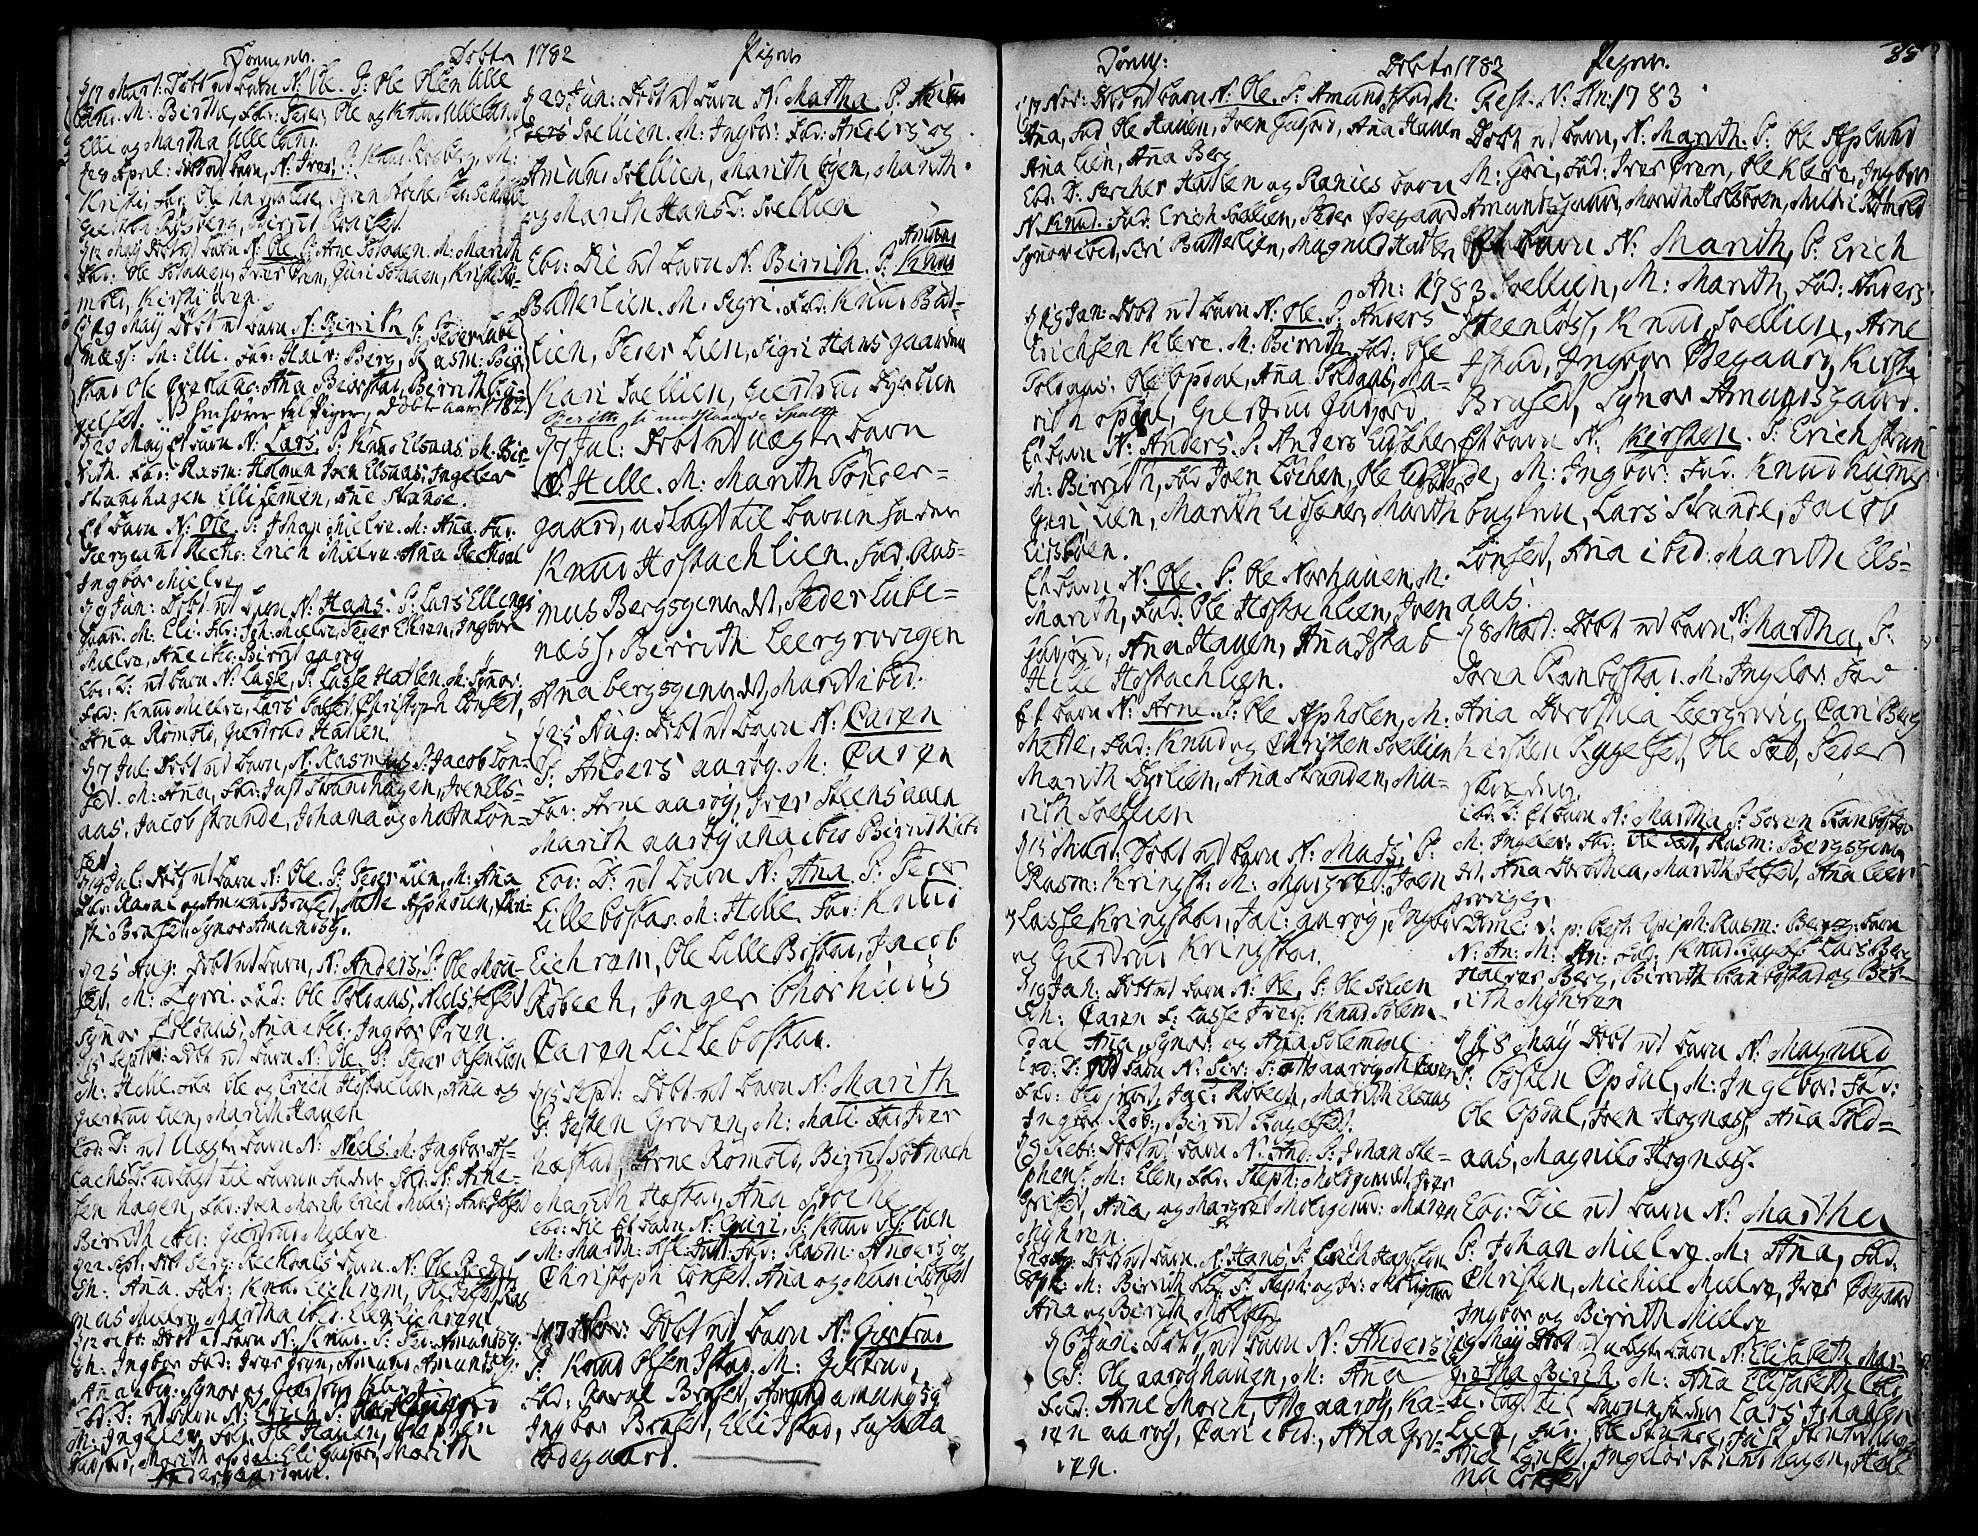 SAT, Ministerialprotokoller, klokkerbøker og fødselsregistre - Møre og Romsdal, 555/L0648: Ministerialbok nr. 555A01, 1759-1793, s. 55